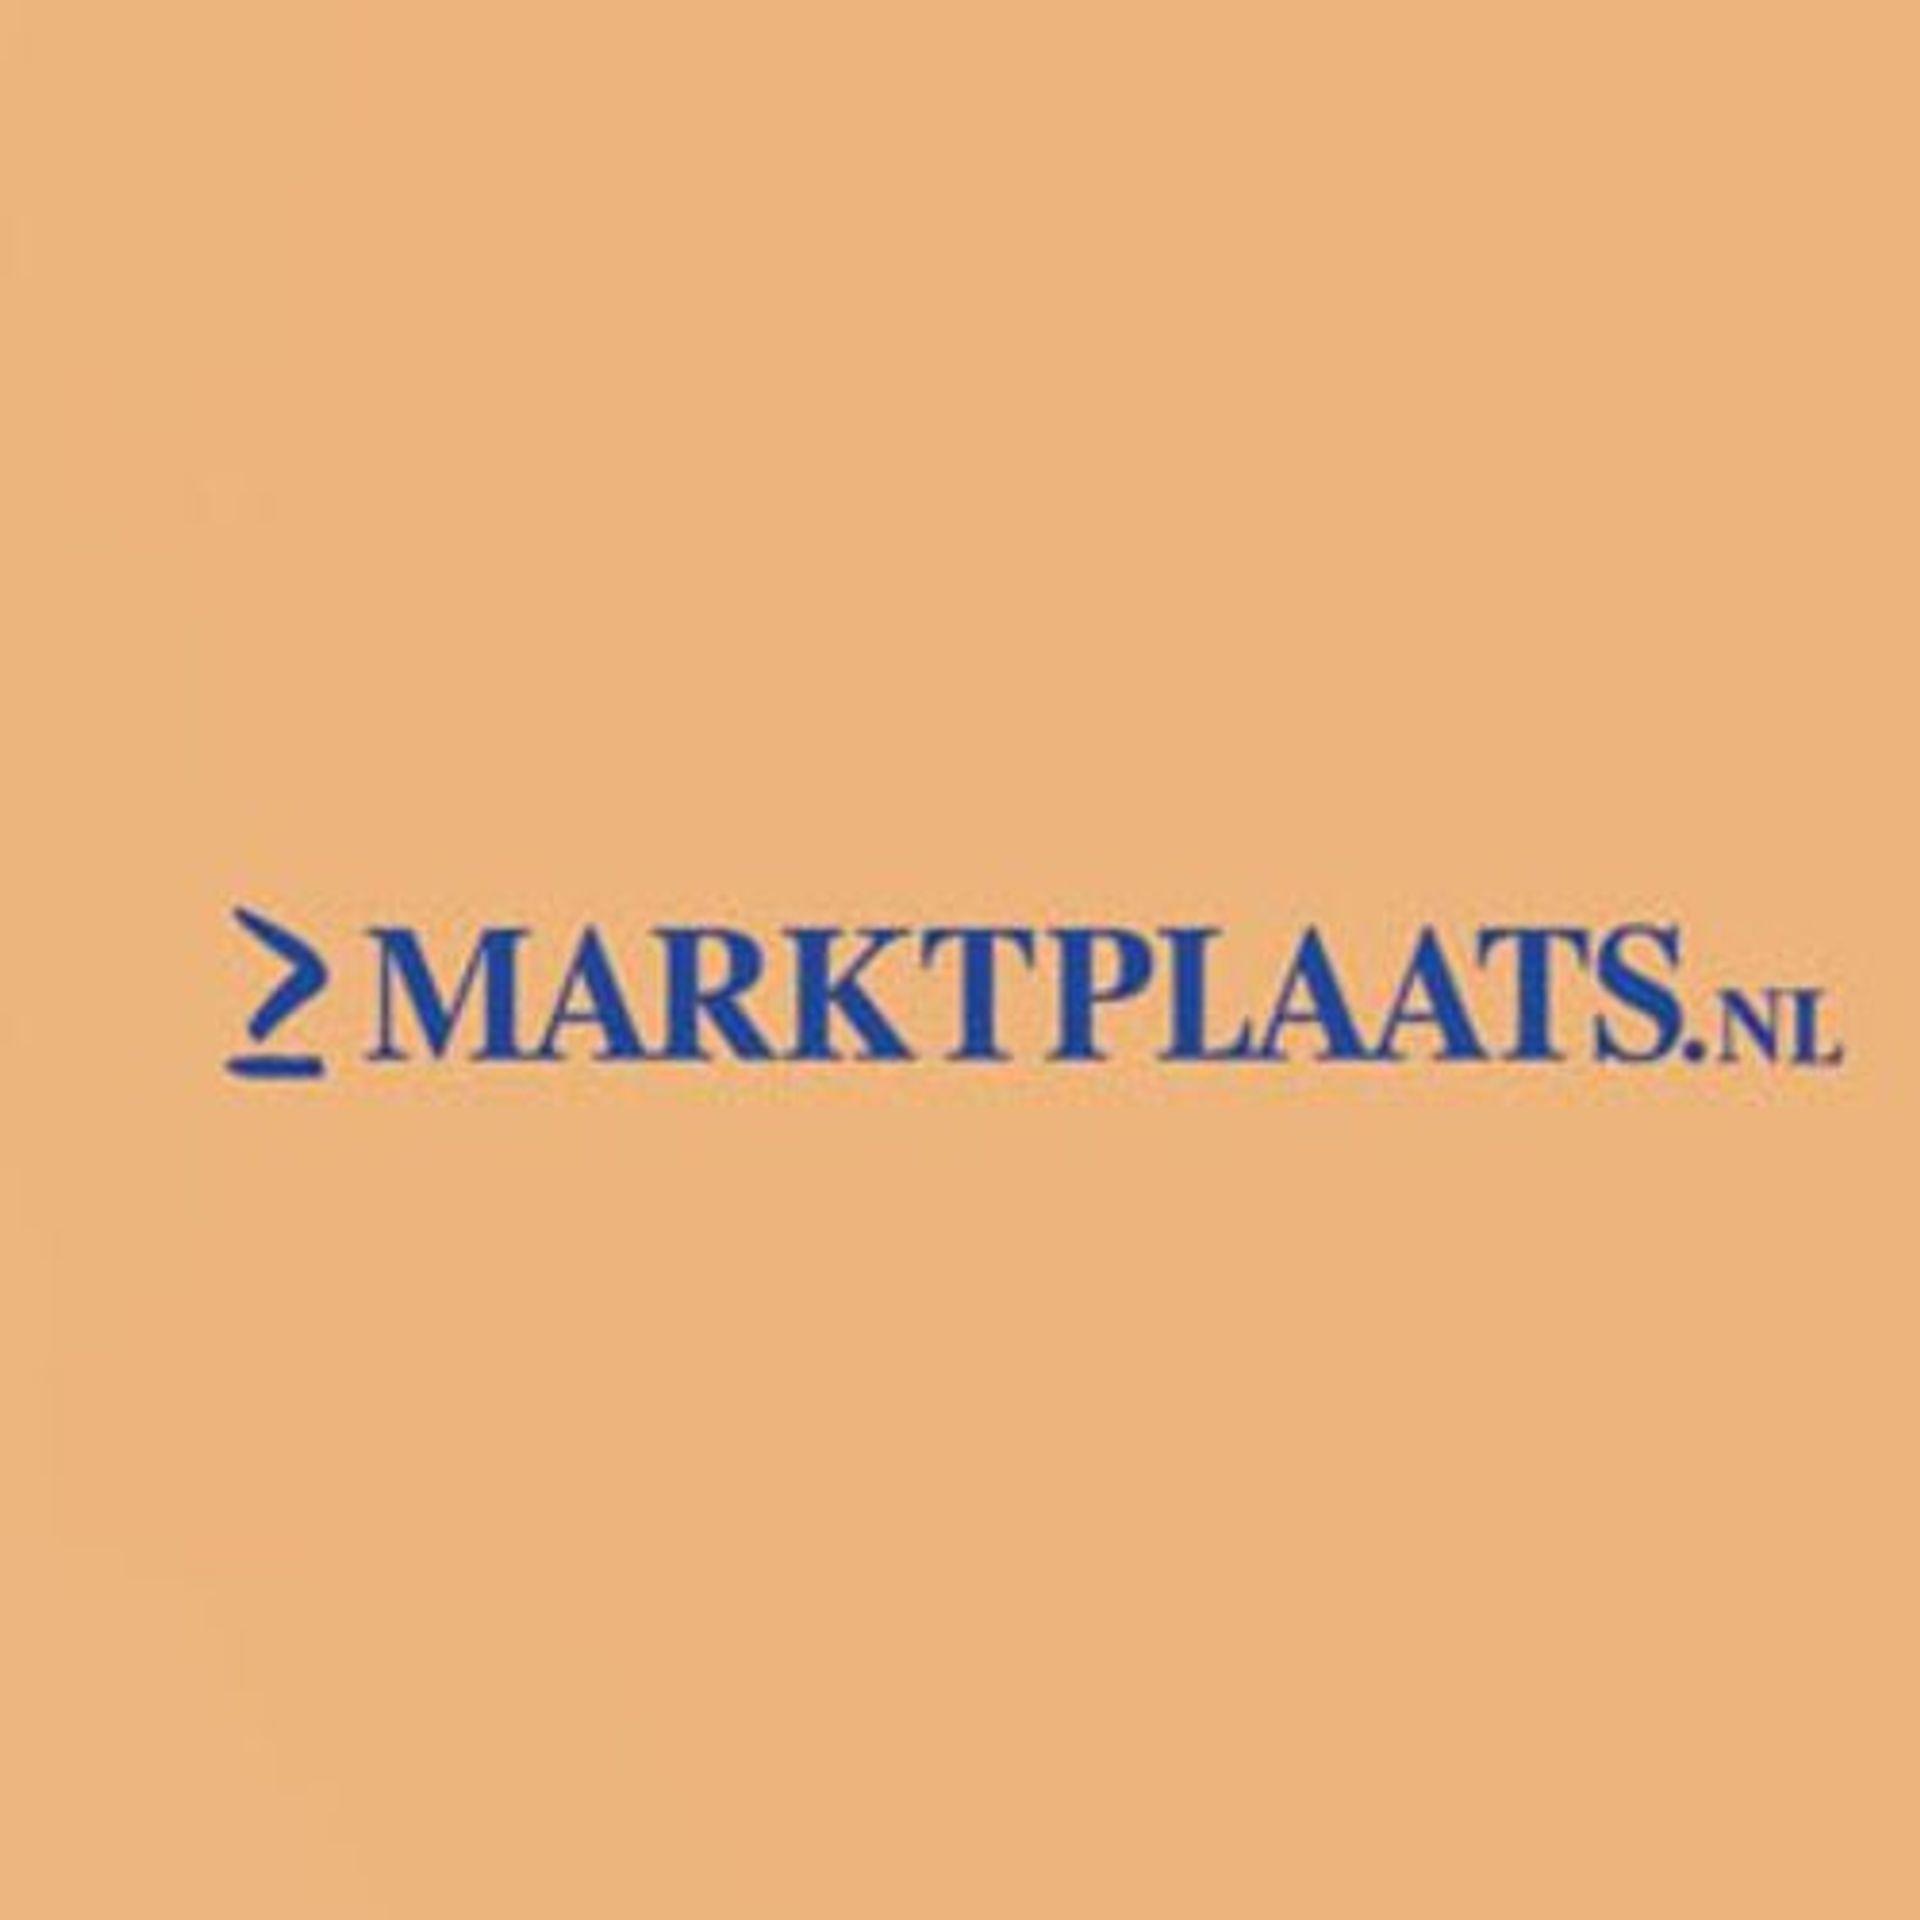 Ongemakkelijke Marktplaats-conversaties...